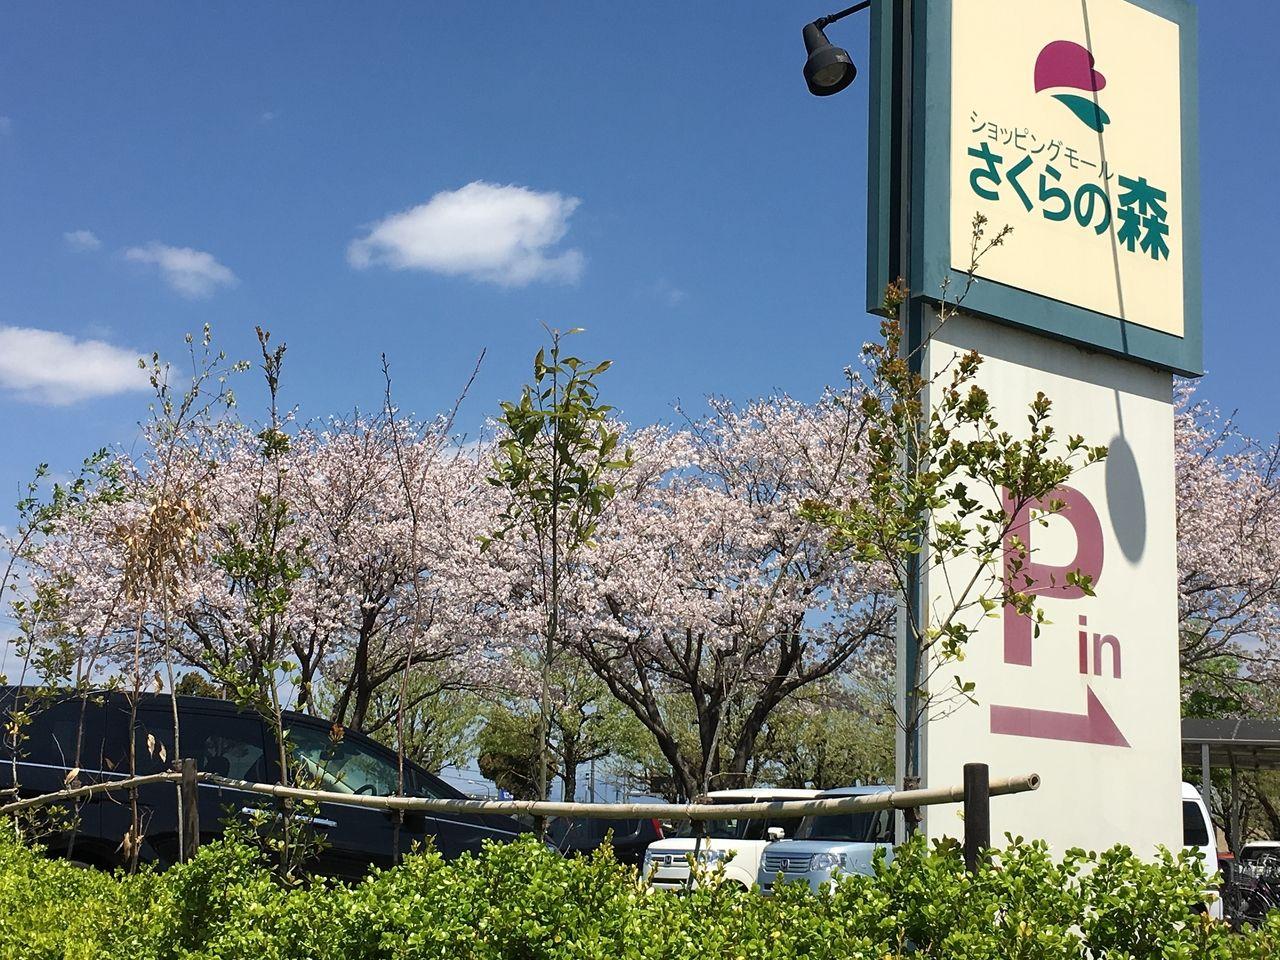 ショッピングモールさくらの森はその名が示すとおり桜の花が咲き誇っているショッピングモールです。